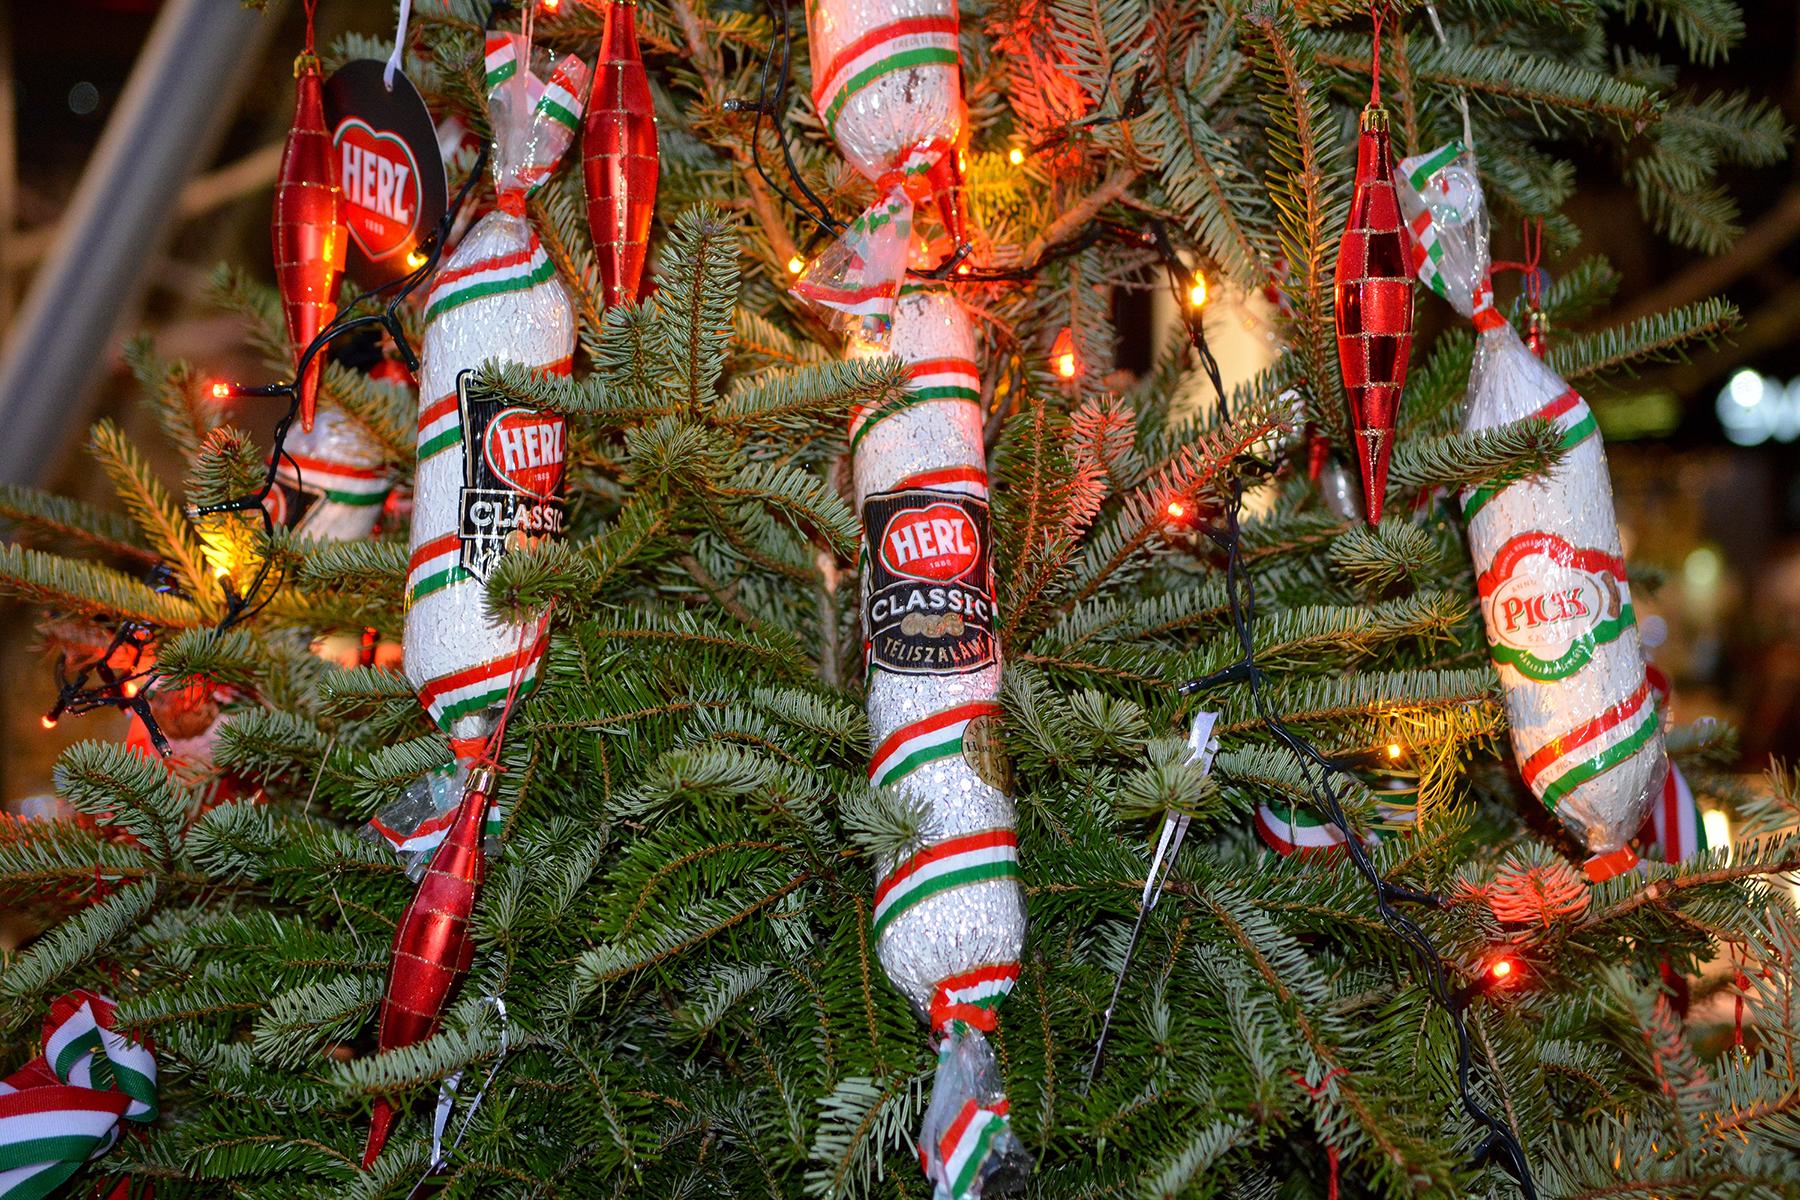 Vörösmarty téri karácsonyi vásár, Budapest (Fotó: Peti-Peterdi Réka)